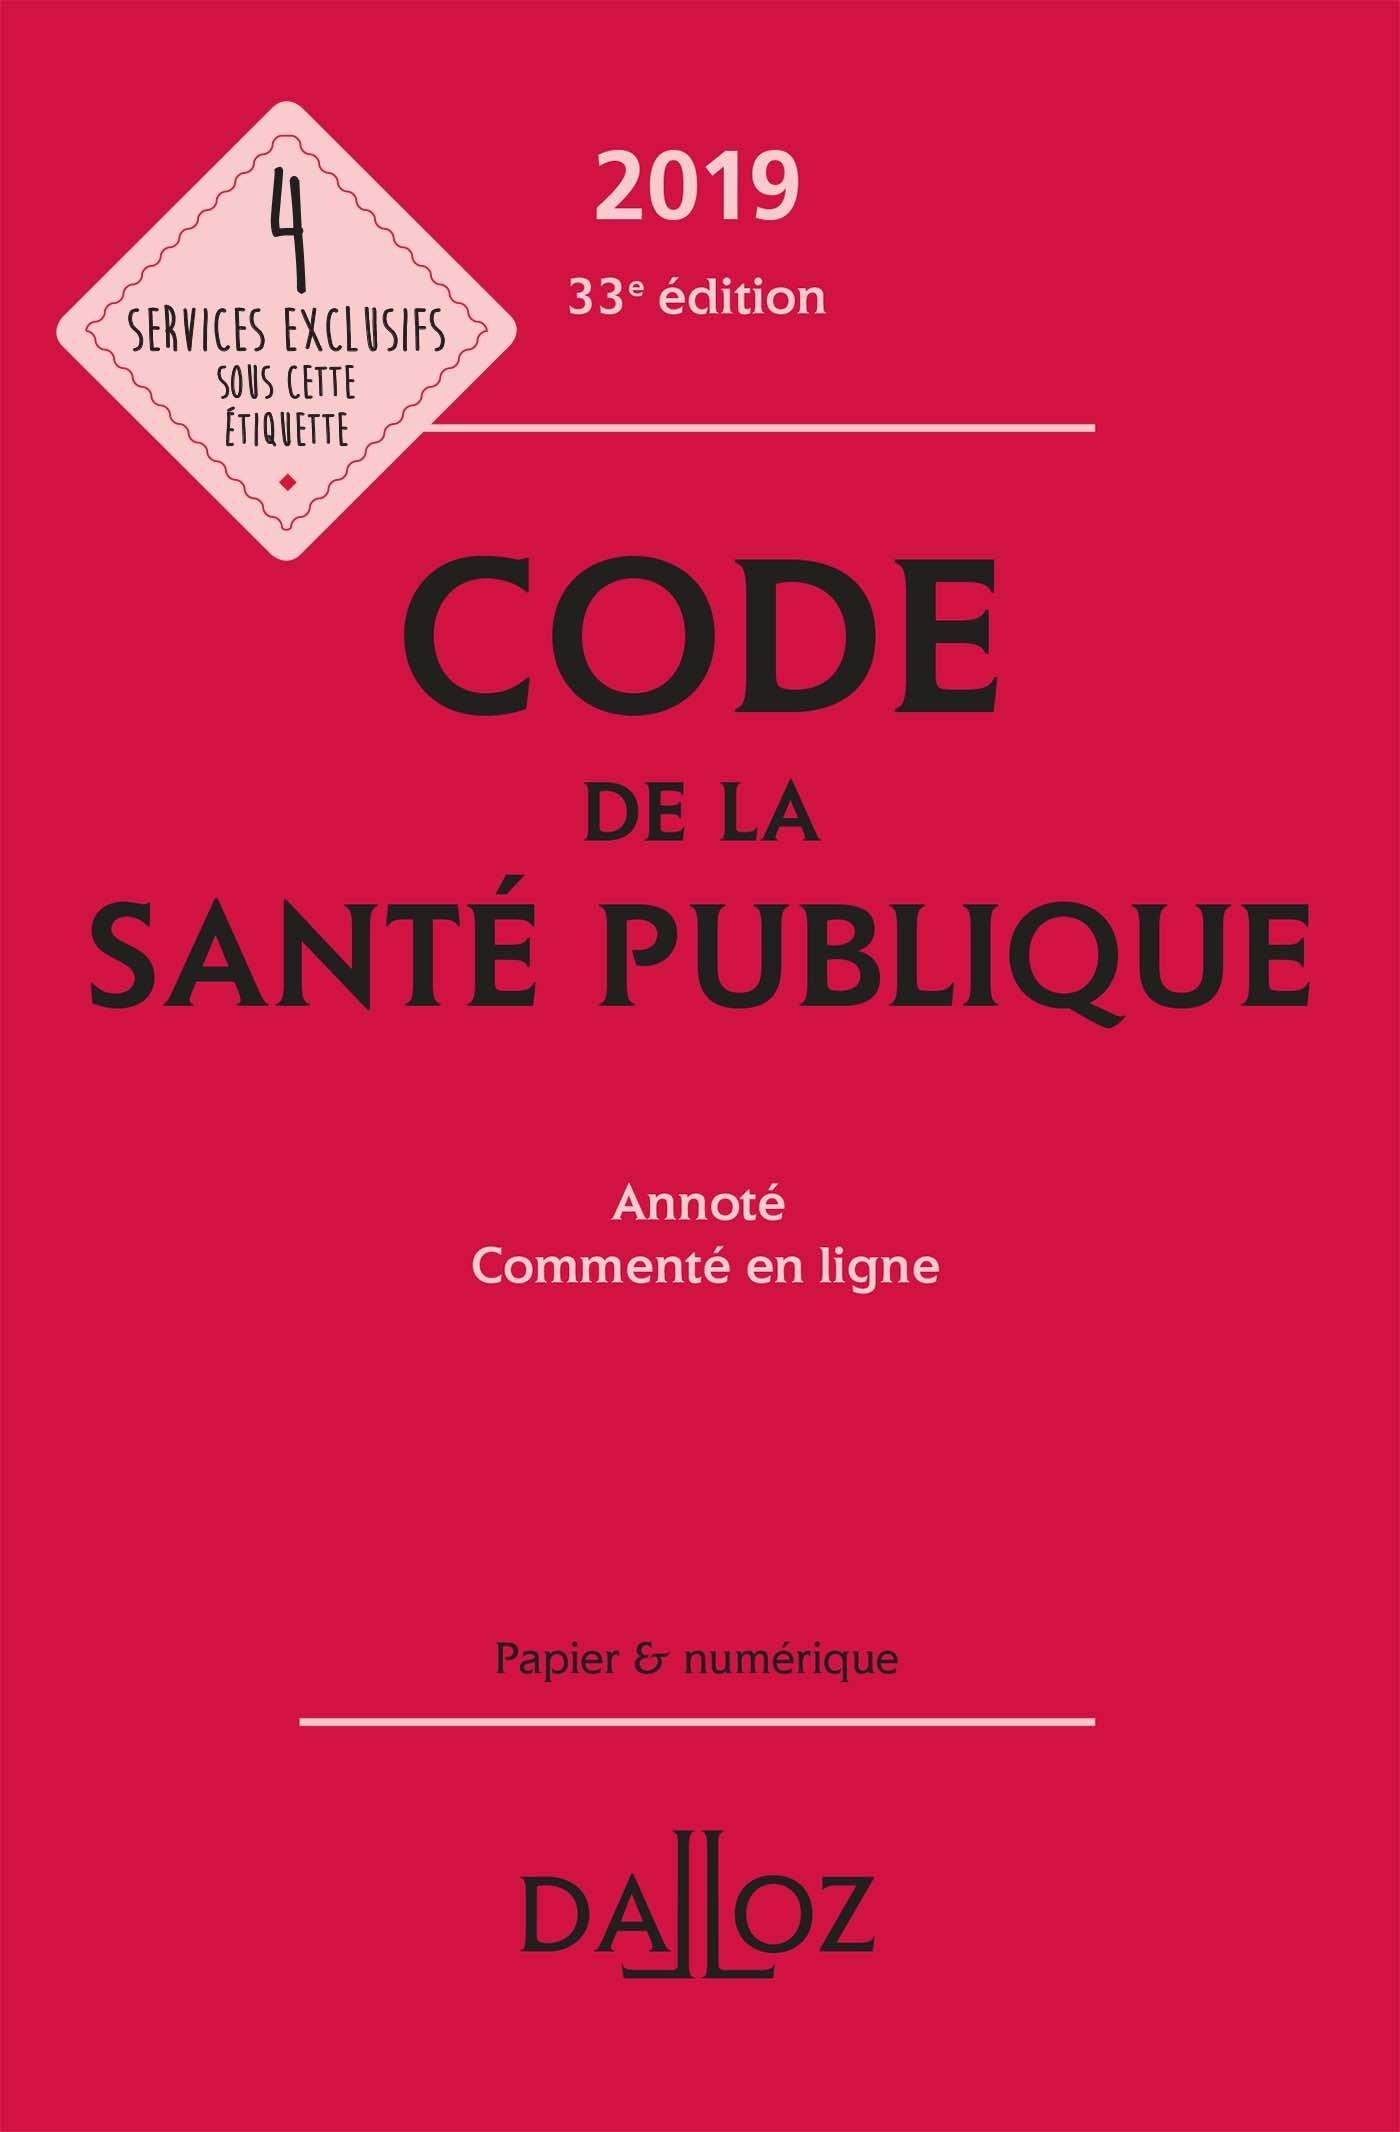 CODE DE LA SANTE PUBLIQUE 2019, ANNOTE ET COMMENTE EN LIGNE